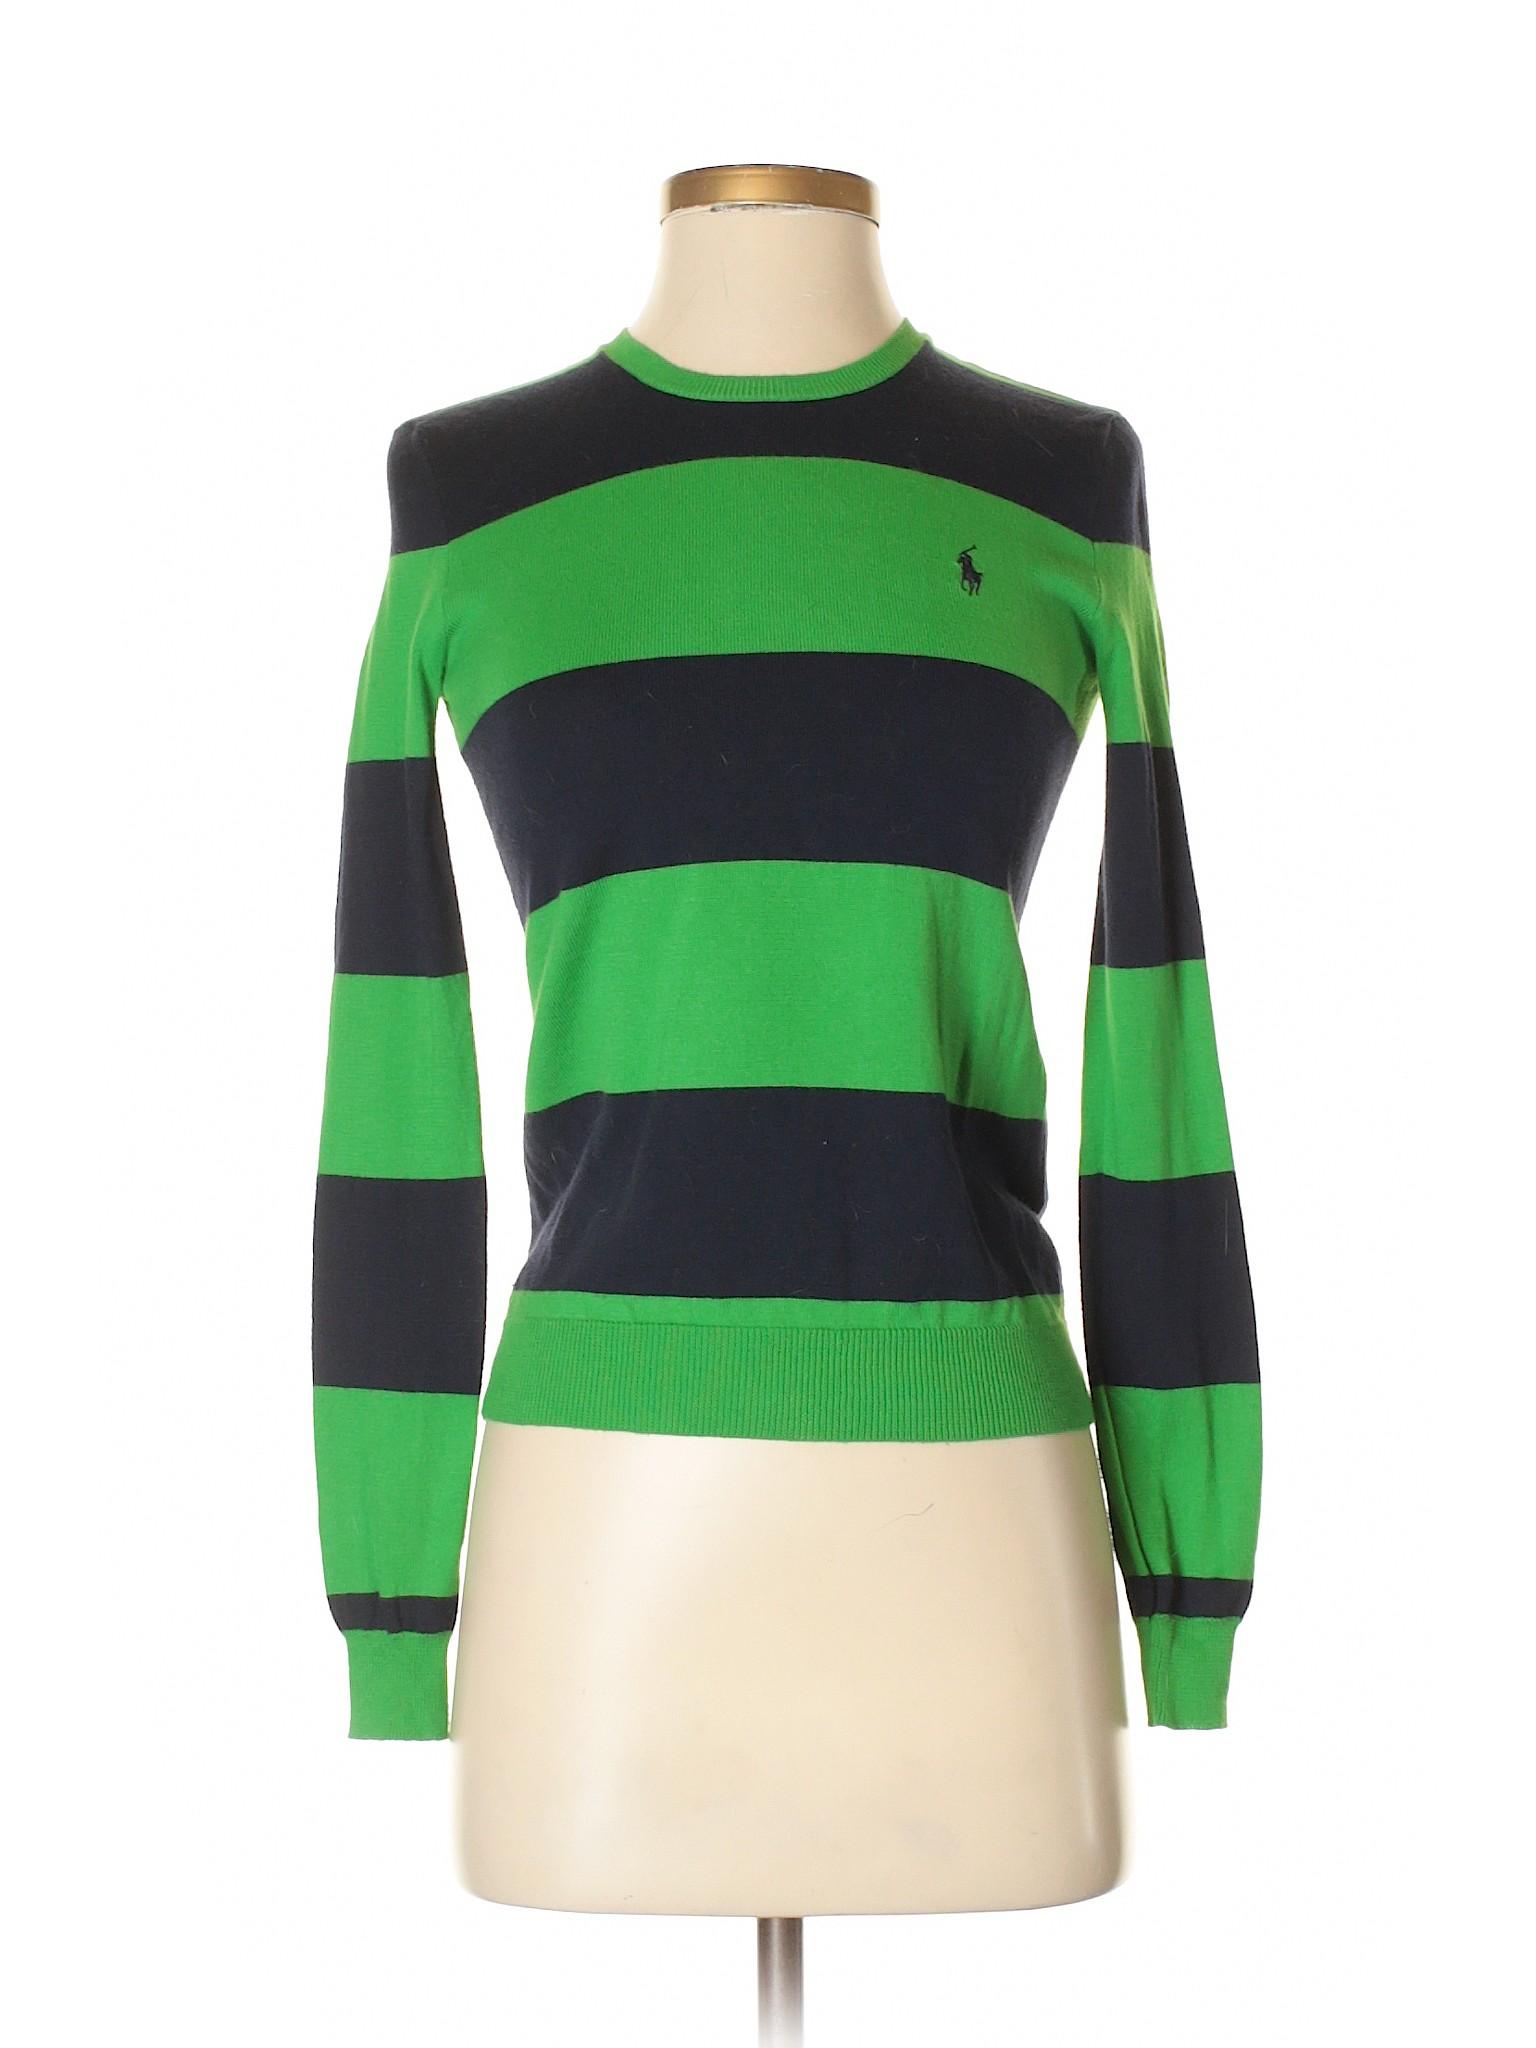 Sweater Pullover Ralph winter Boutique Lauren OIwXx18qt